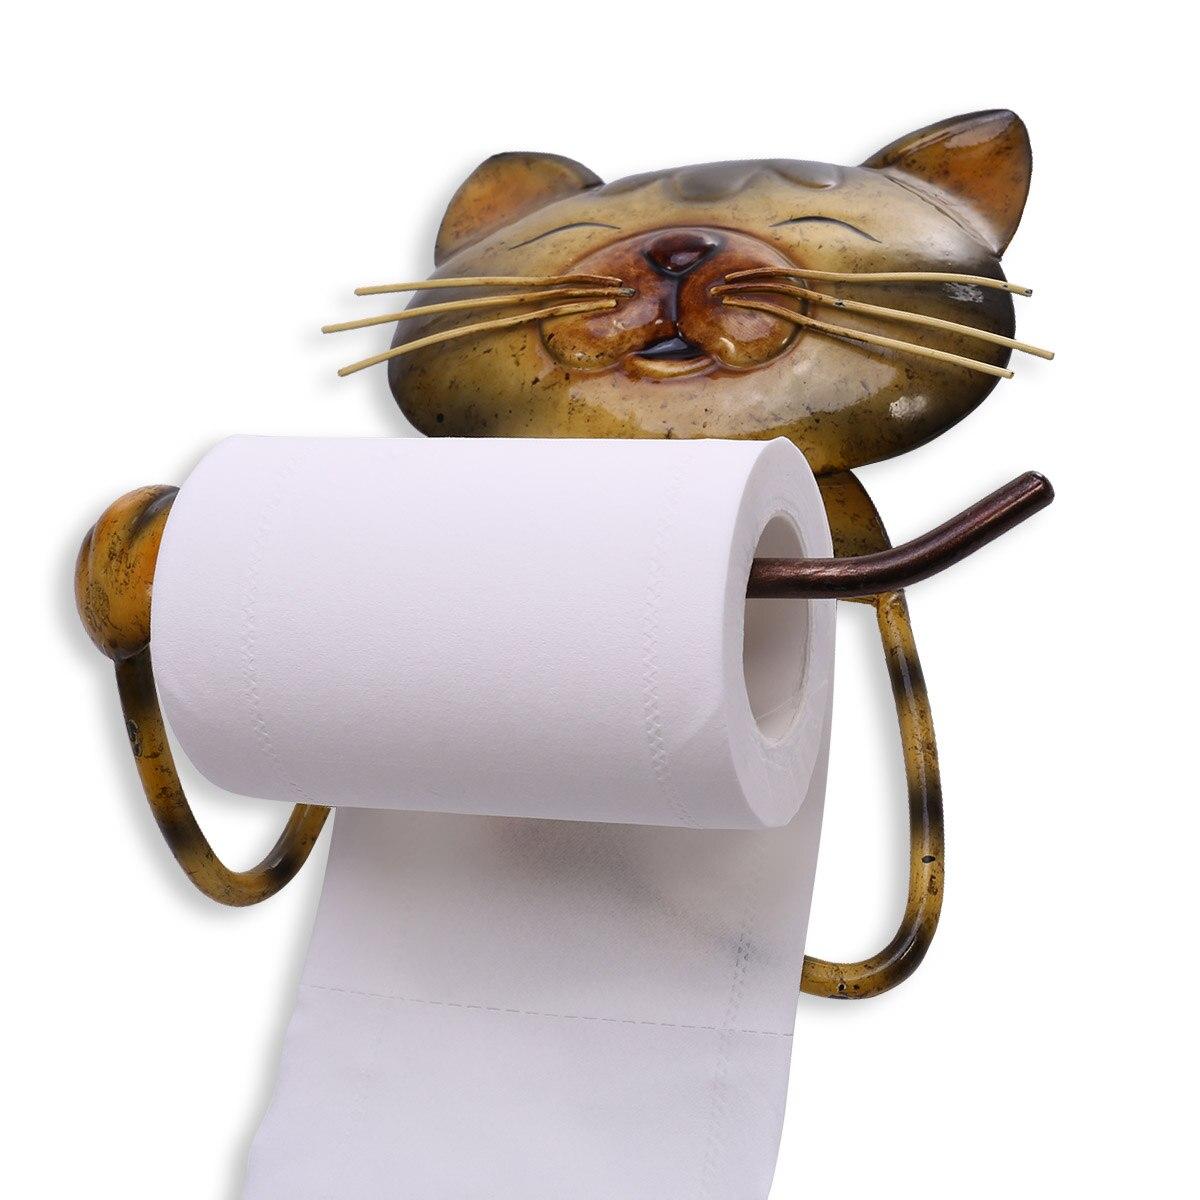 DemüTigen Katze Papier Handtuch Halter Vintage Gusseisen Hund Wc Papier Halter Stehen Handtuch Halter Stehend Bad Zubehör